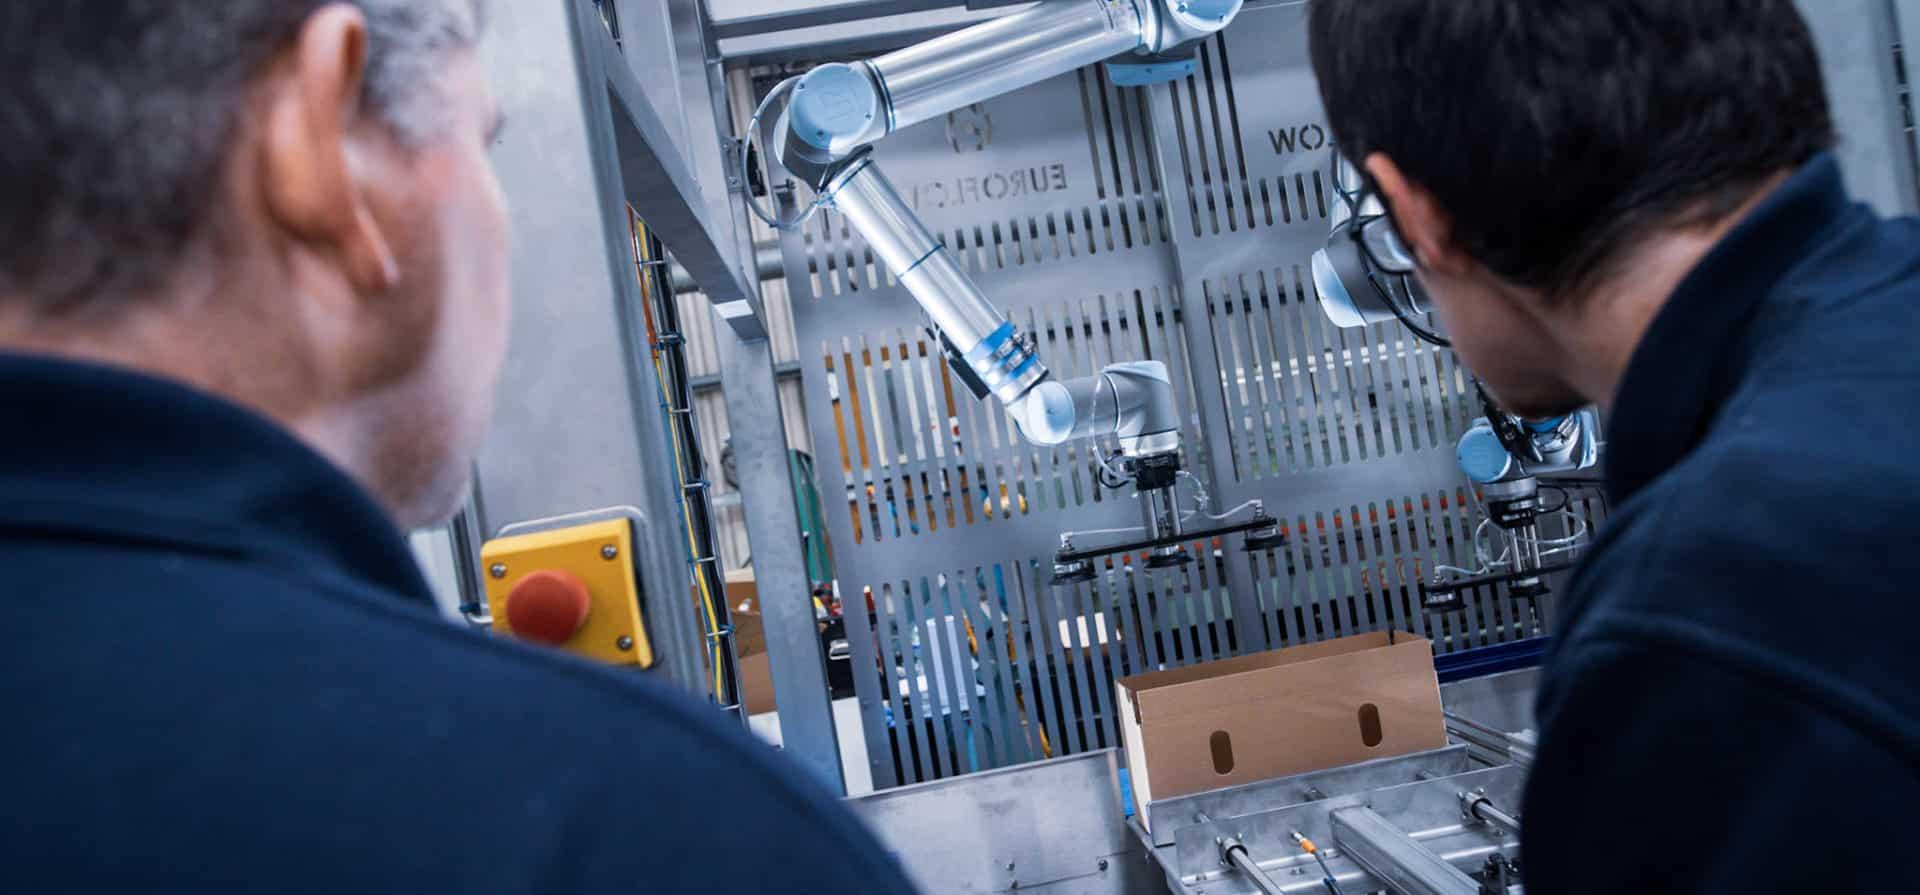 Collaborative Robots - Team Inspection | Euroflow Automation Ltd